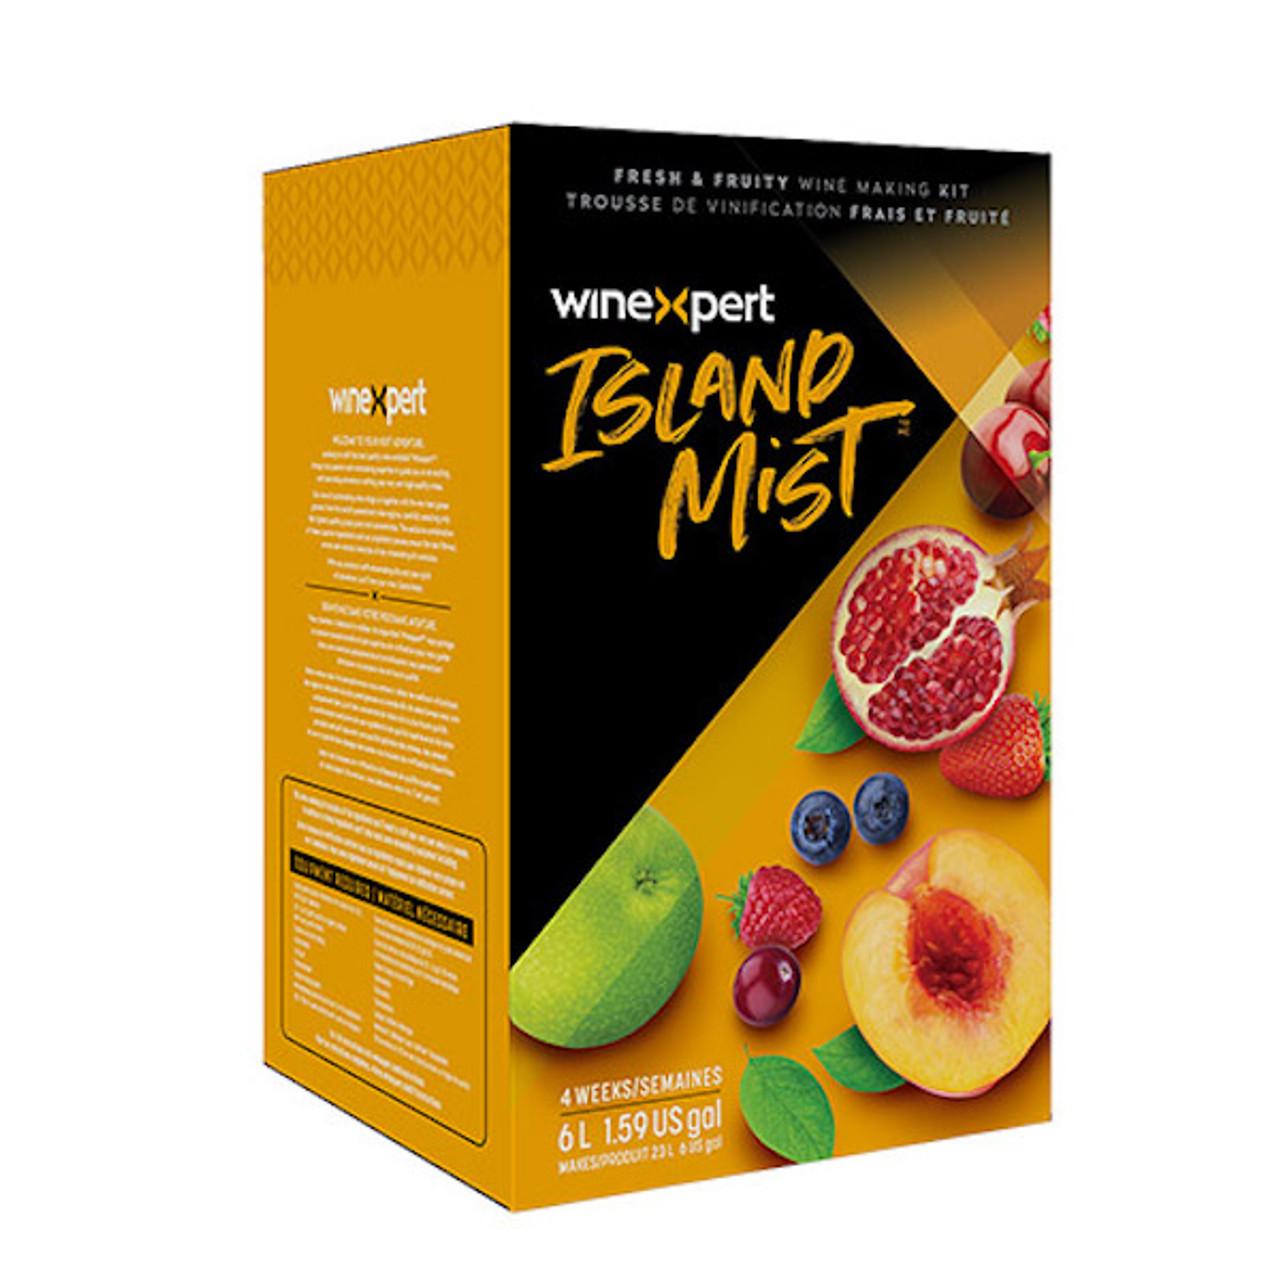 Blood Orange Sangria Island Mist 6L Wine Kit